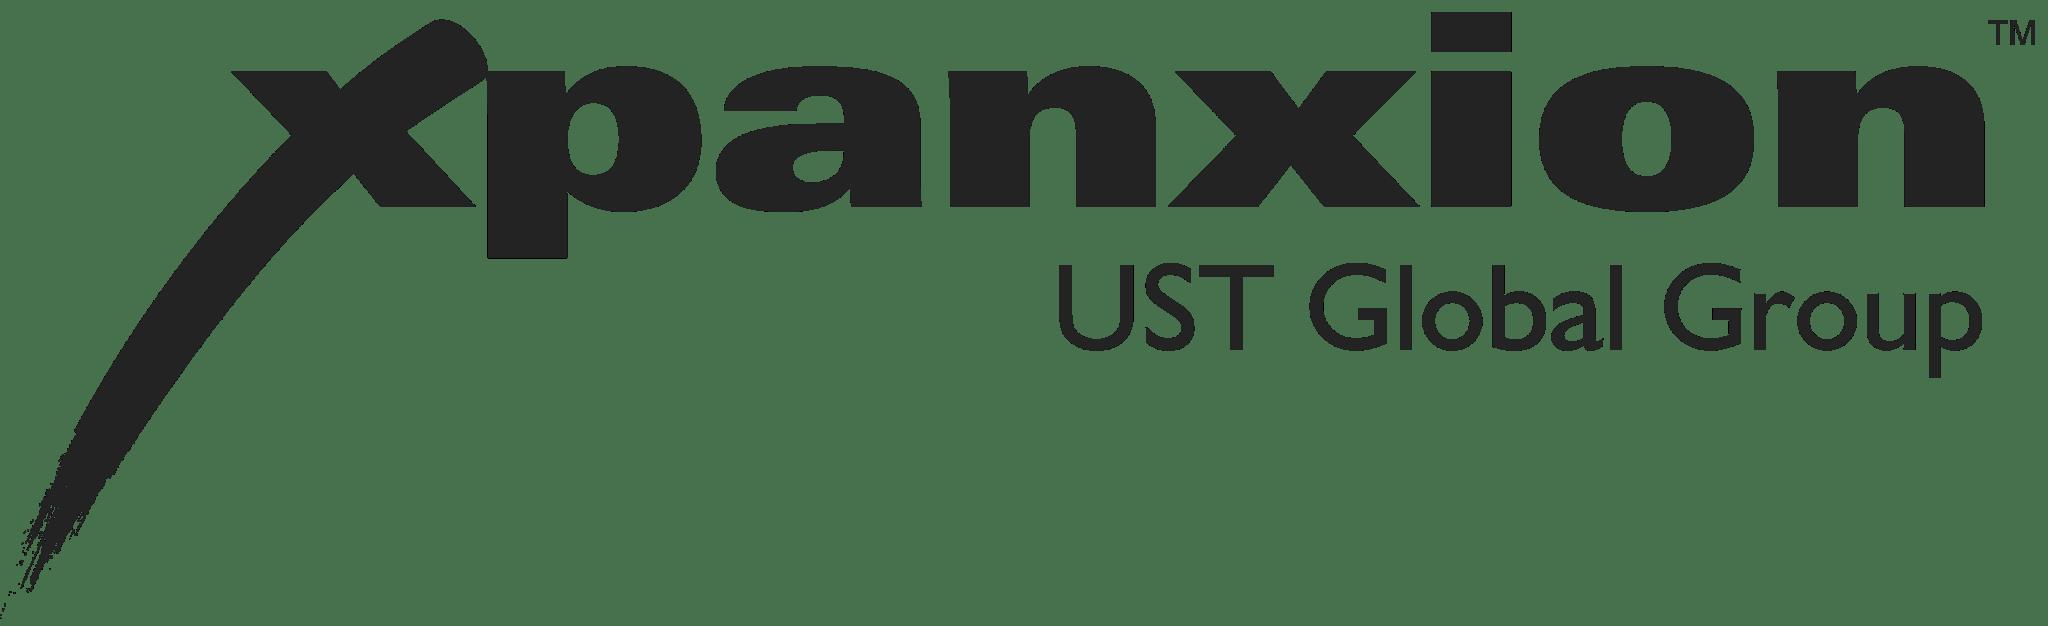 Xpanxion-Logo1